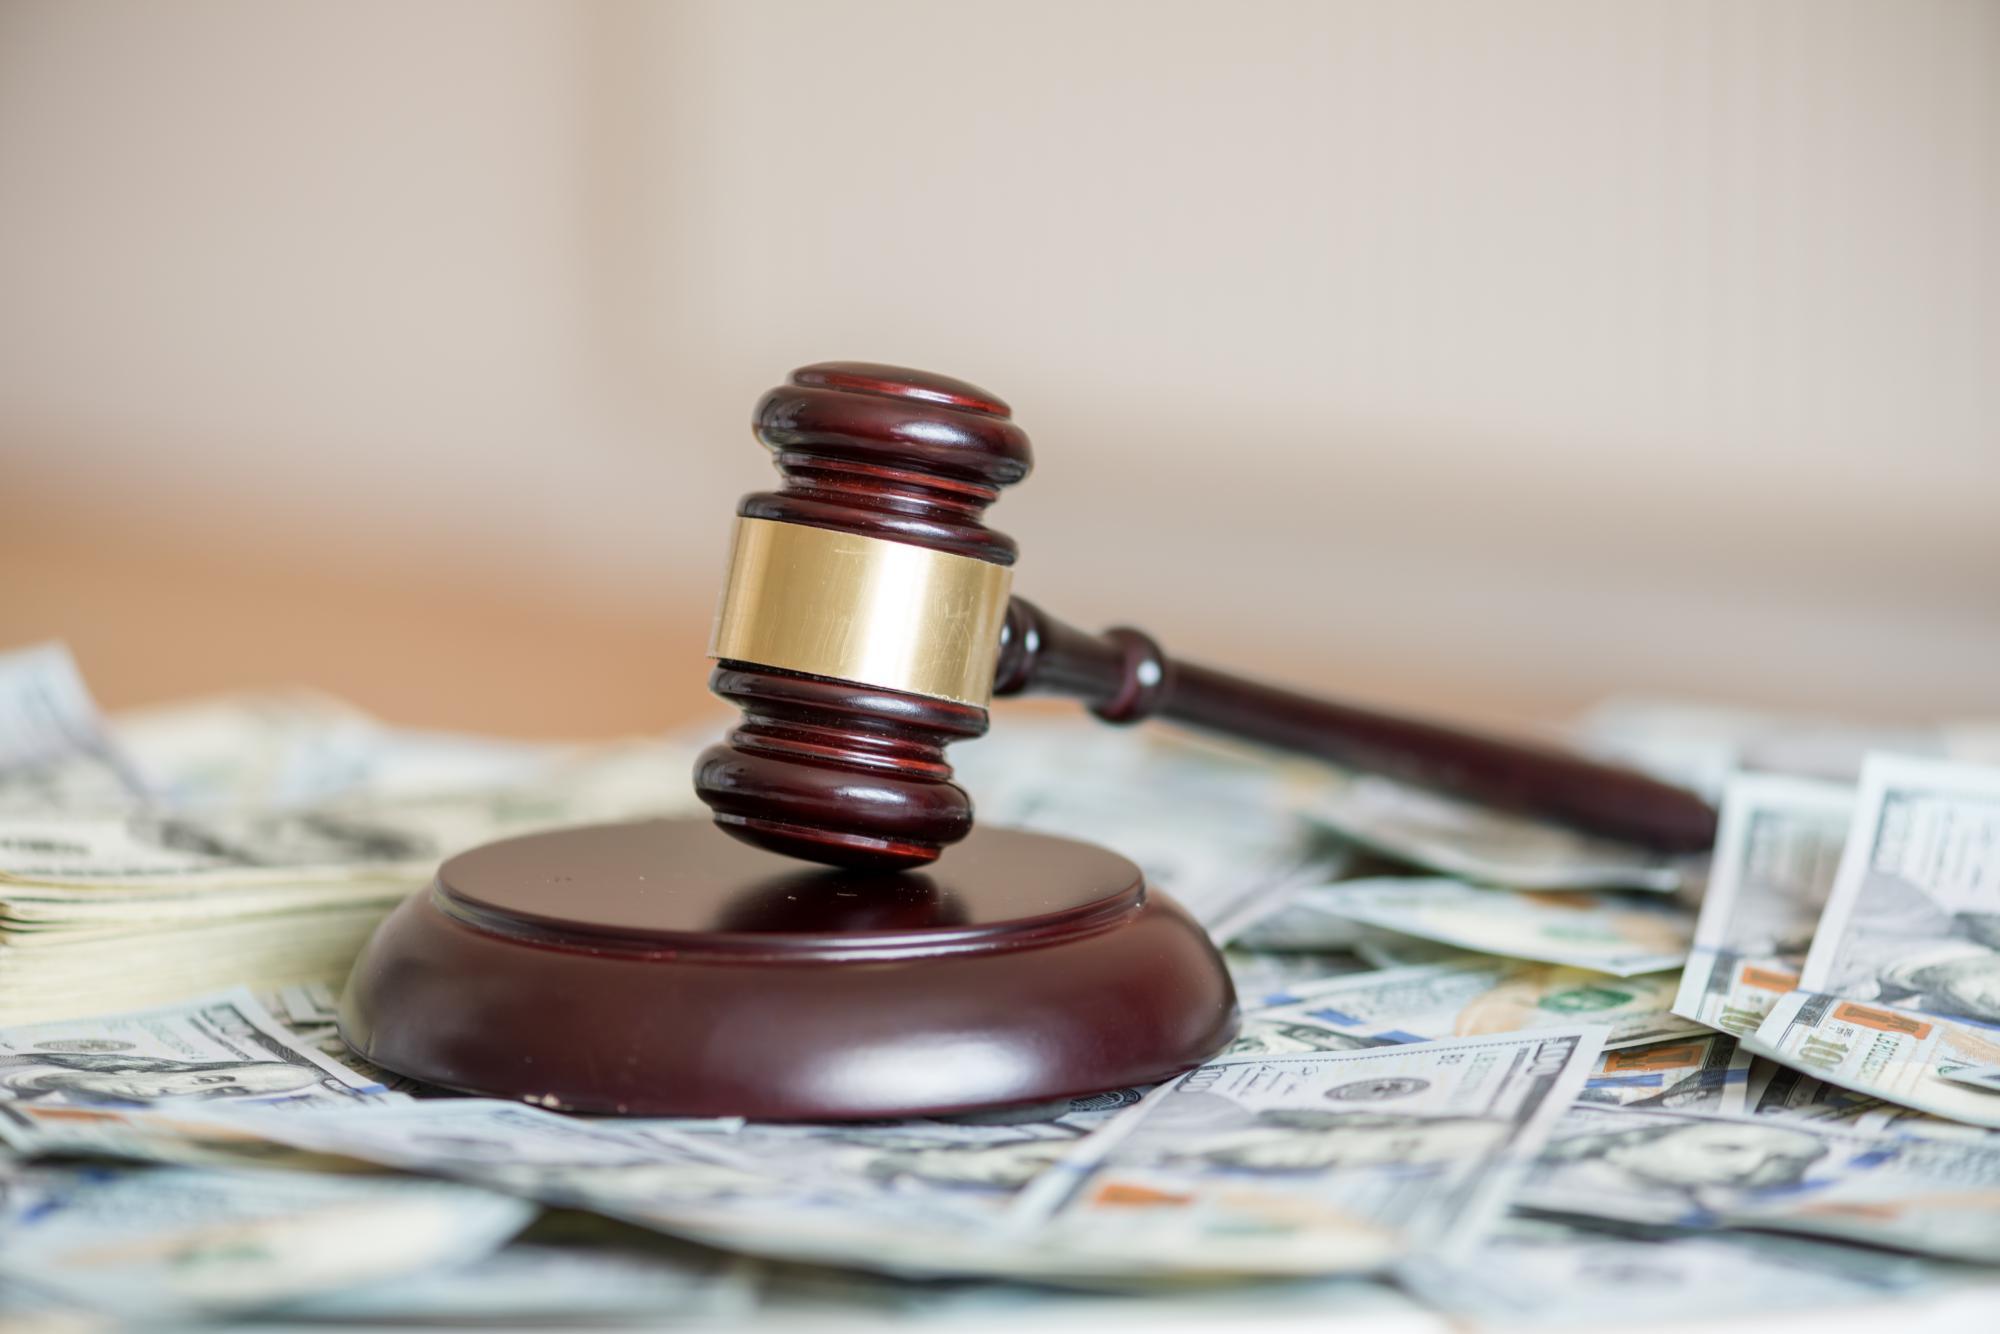 Уголовной ответственности за налоговые преступления можно будет избежать